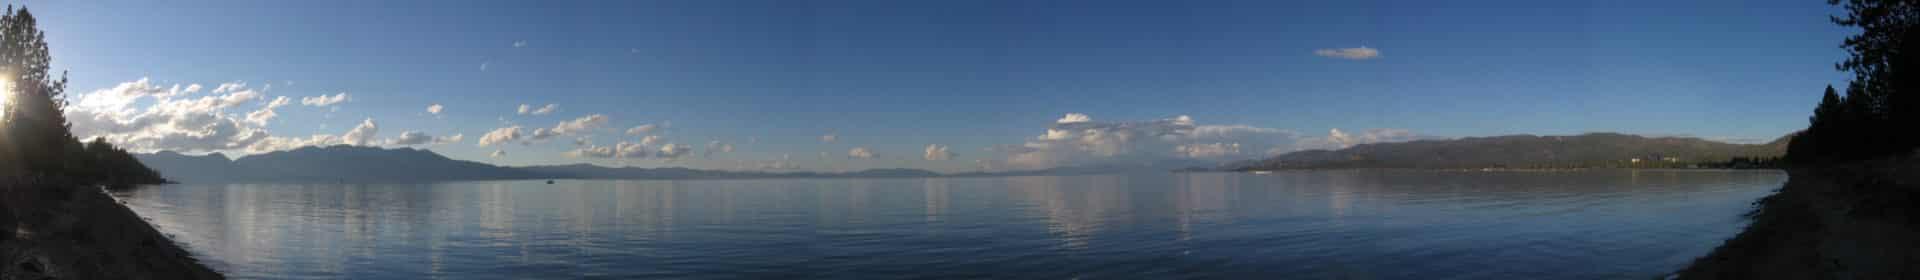 Lake Tahoe, Mountain Biking, Paddle Boarding Tour